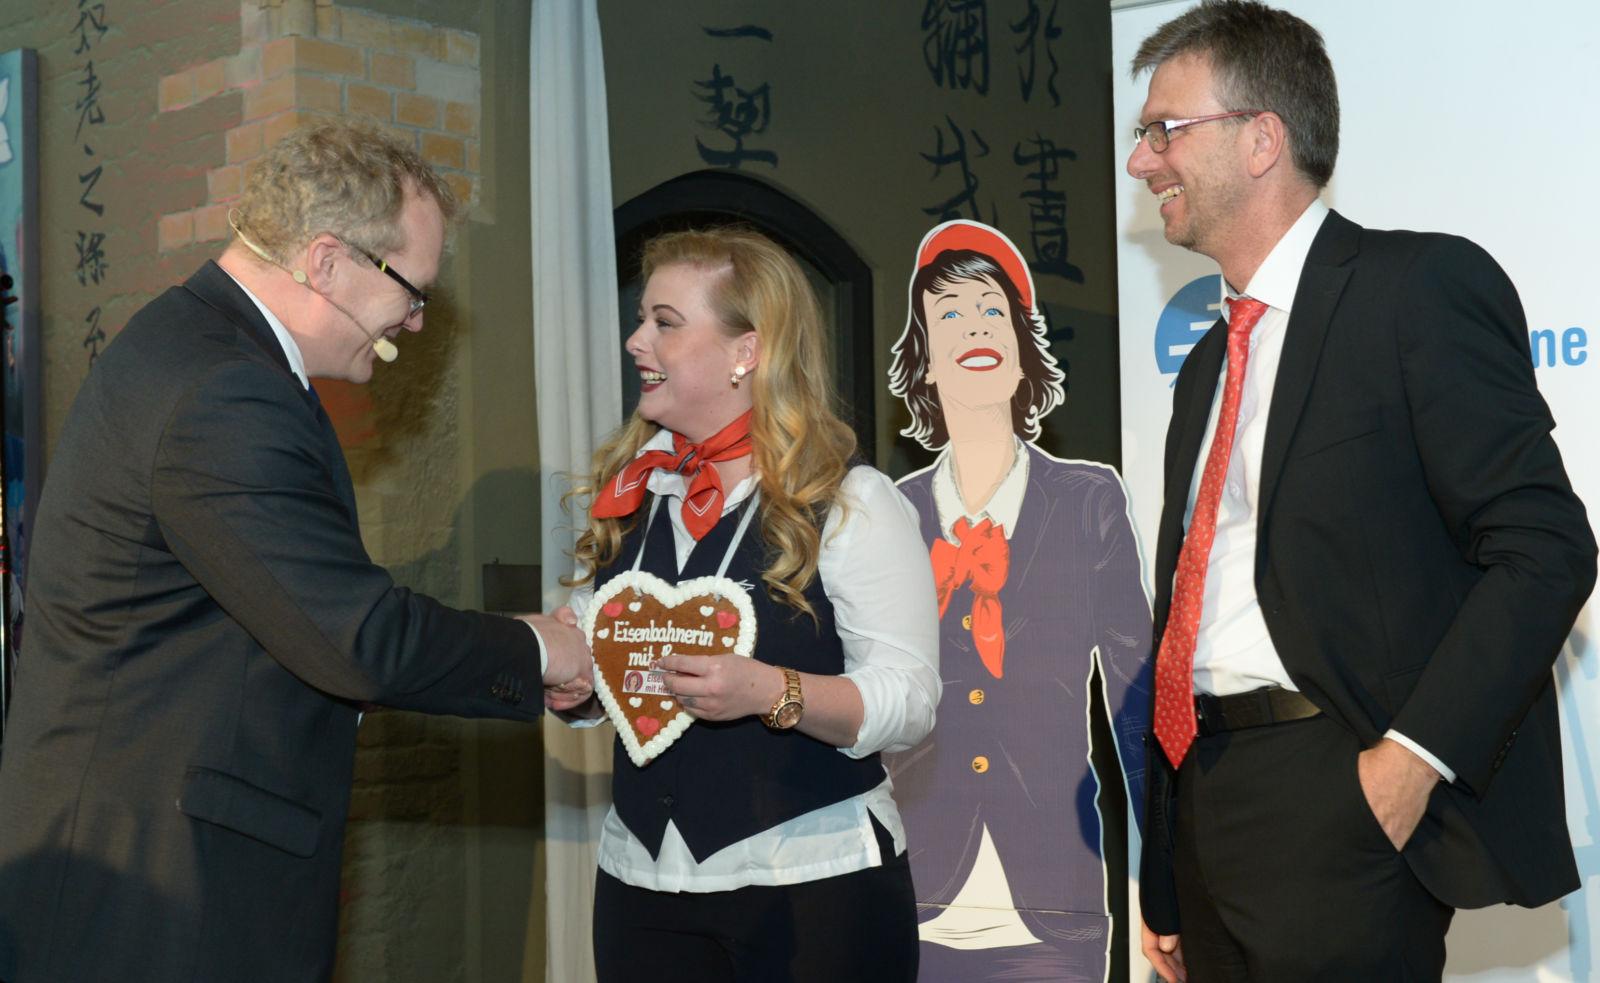 Die Preisträgerin aus Baden-Württemberg: Saskia Schönlebe (AVG) mit Jury-Mitglied Frank Zerban (rechts)